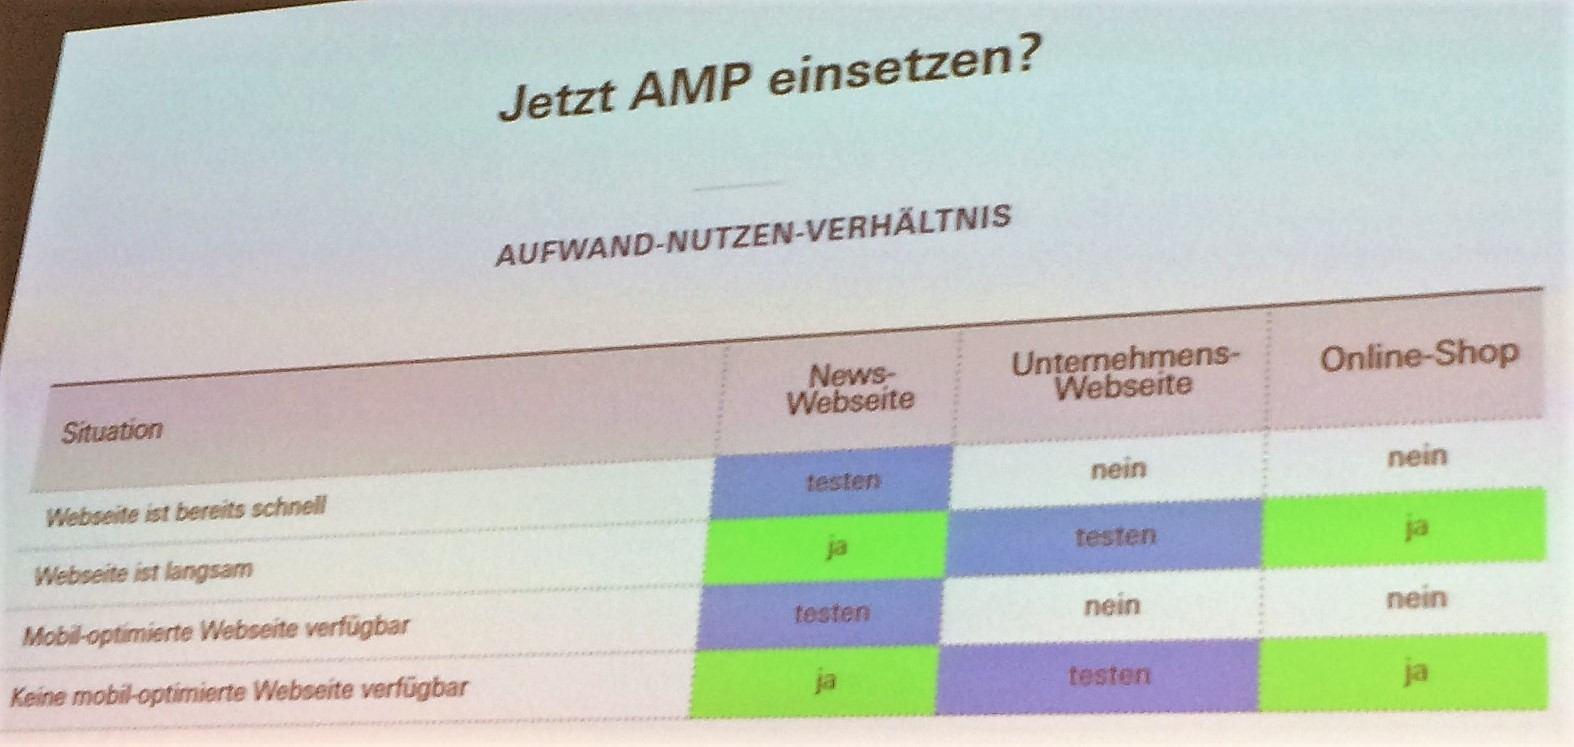 Empfehlung für AMP Migration